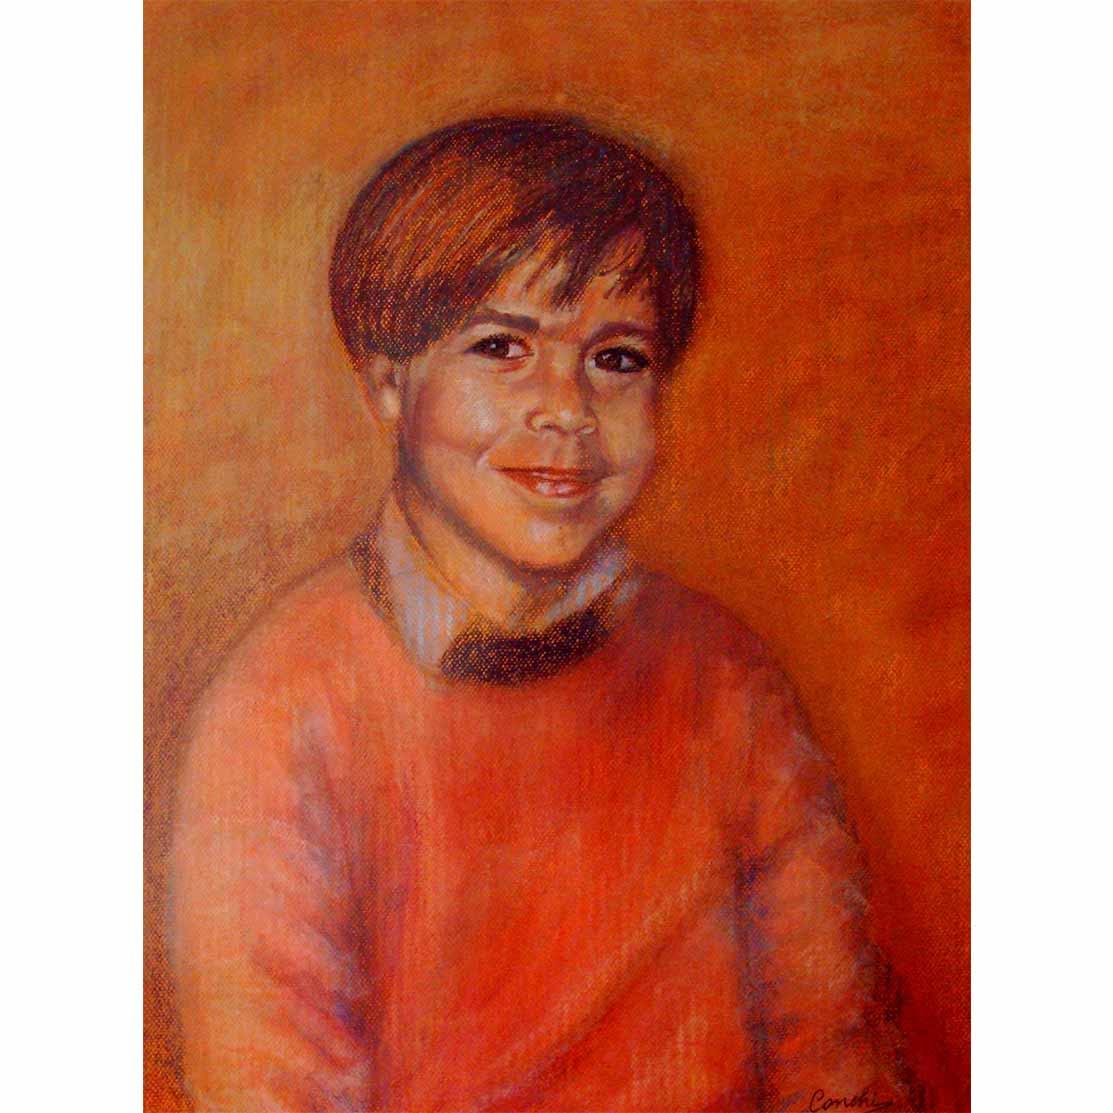 HÉCTOR 7 AÑOS Pastel sobre papel 63 x 48 cm